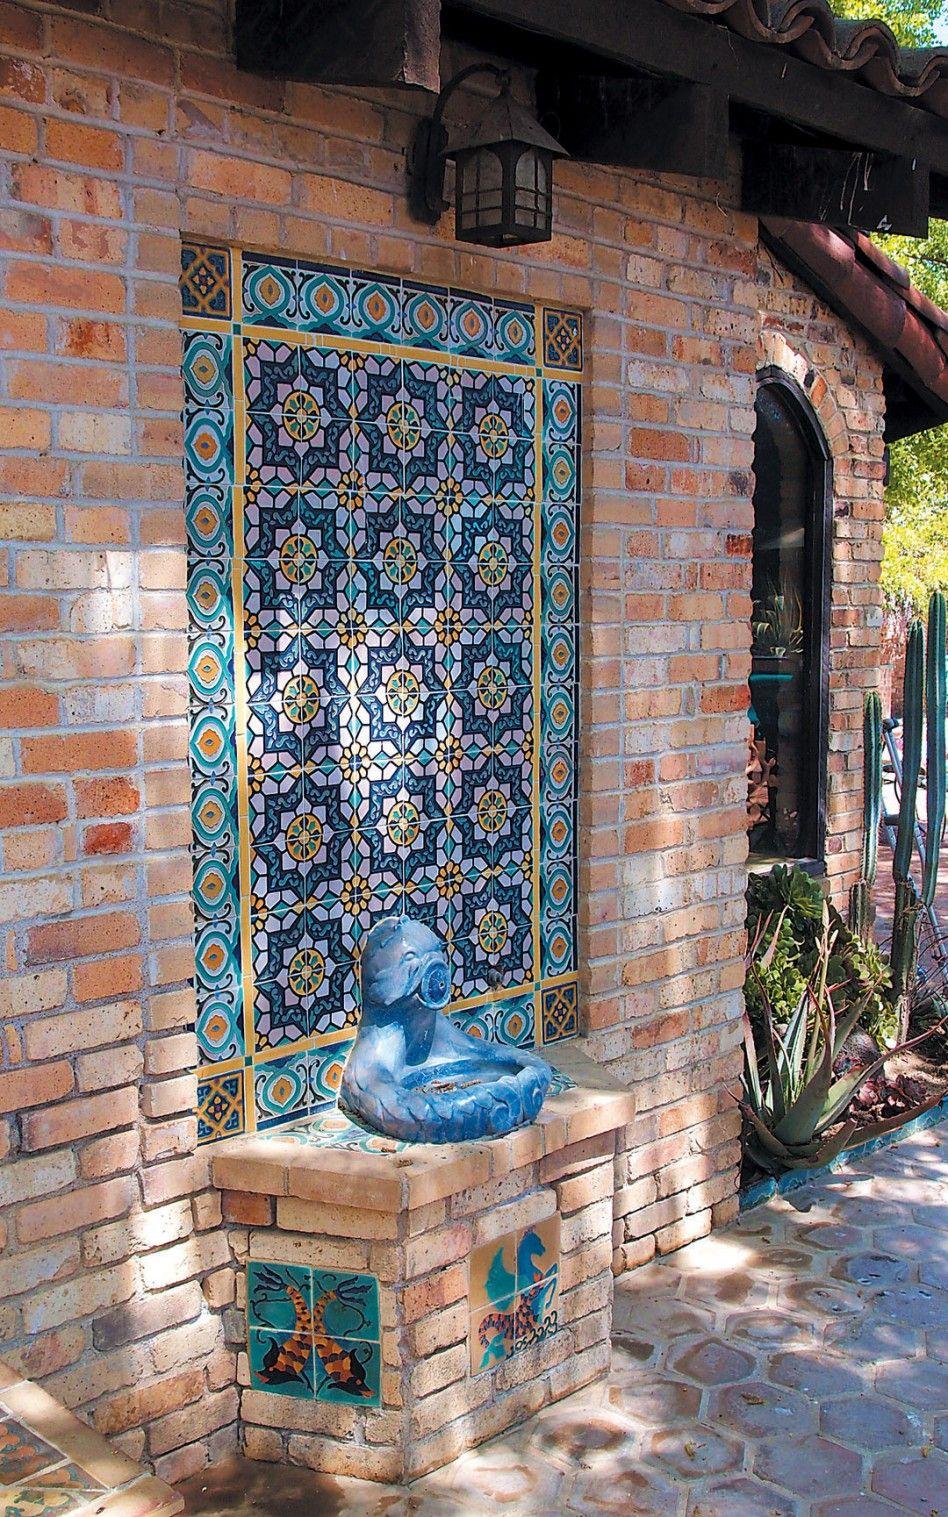 Fuentes de jardin decorativas para pared fuentes for Fuentes de jardin baratas